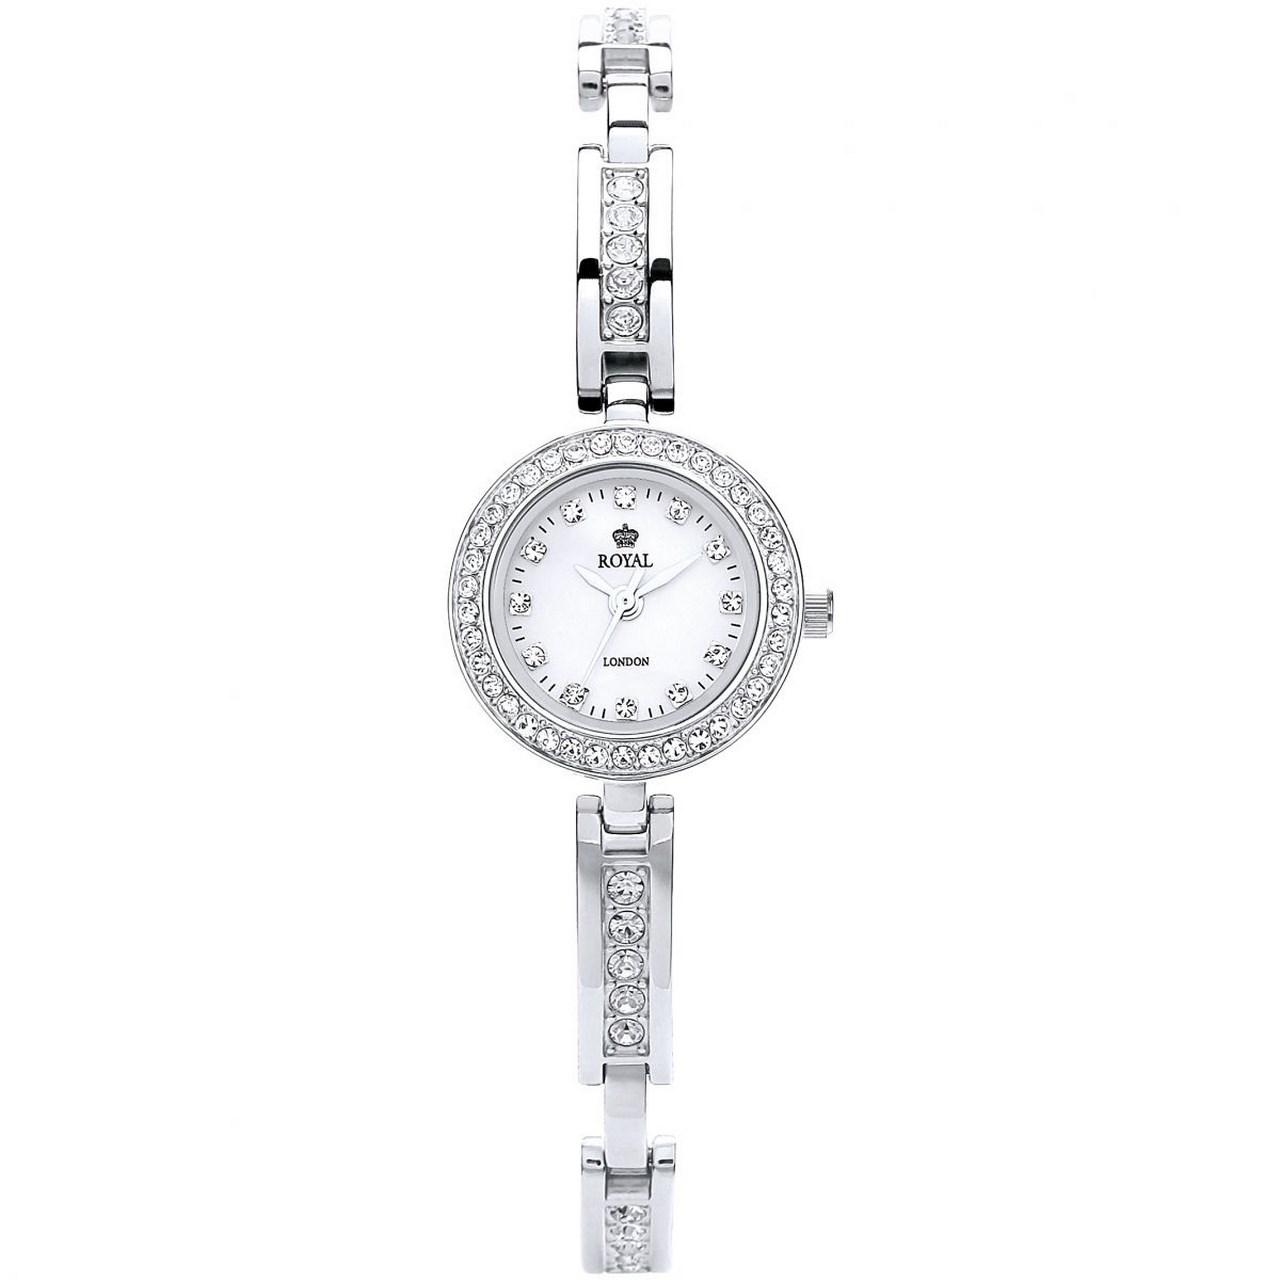 ساعت مچی عقربه ای زنانه رویال لندن مدل RL-21161-01